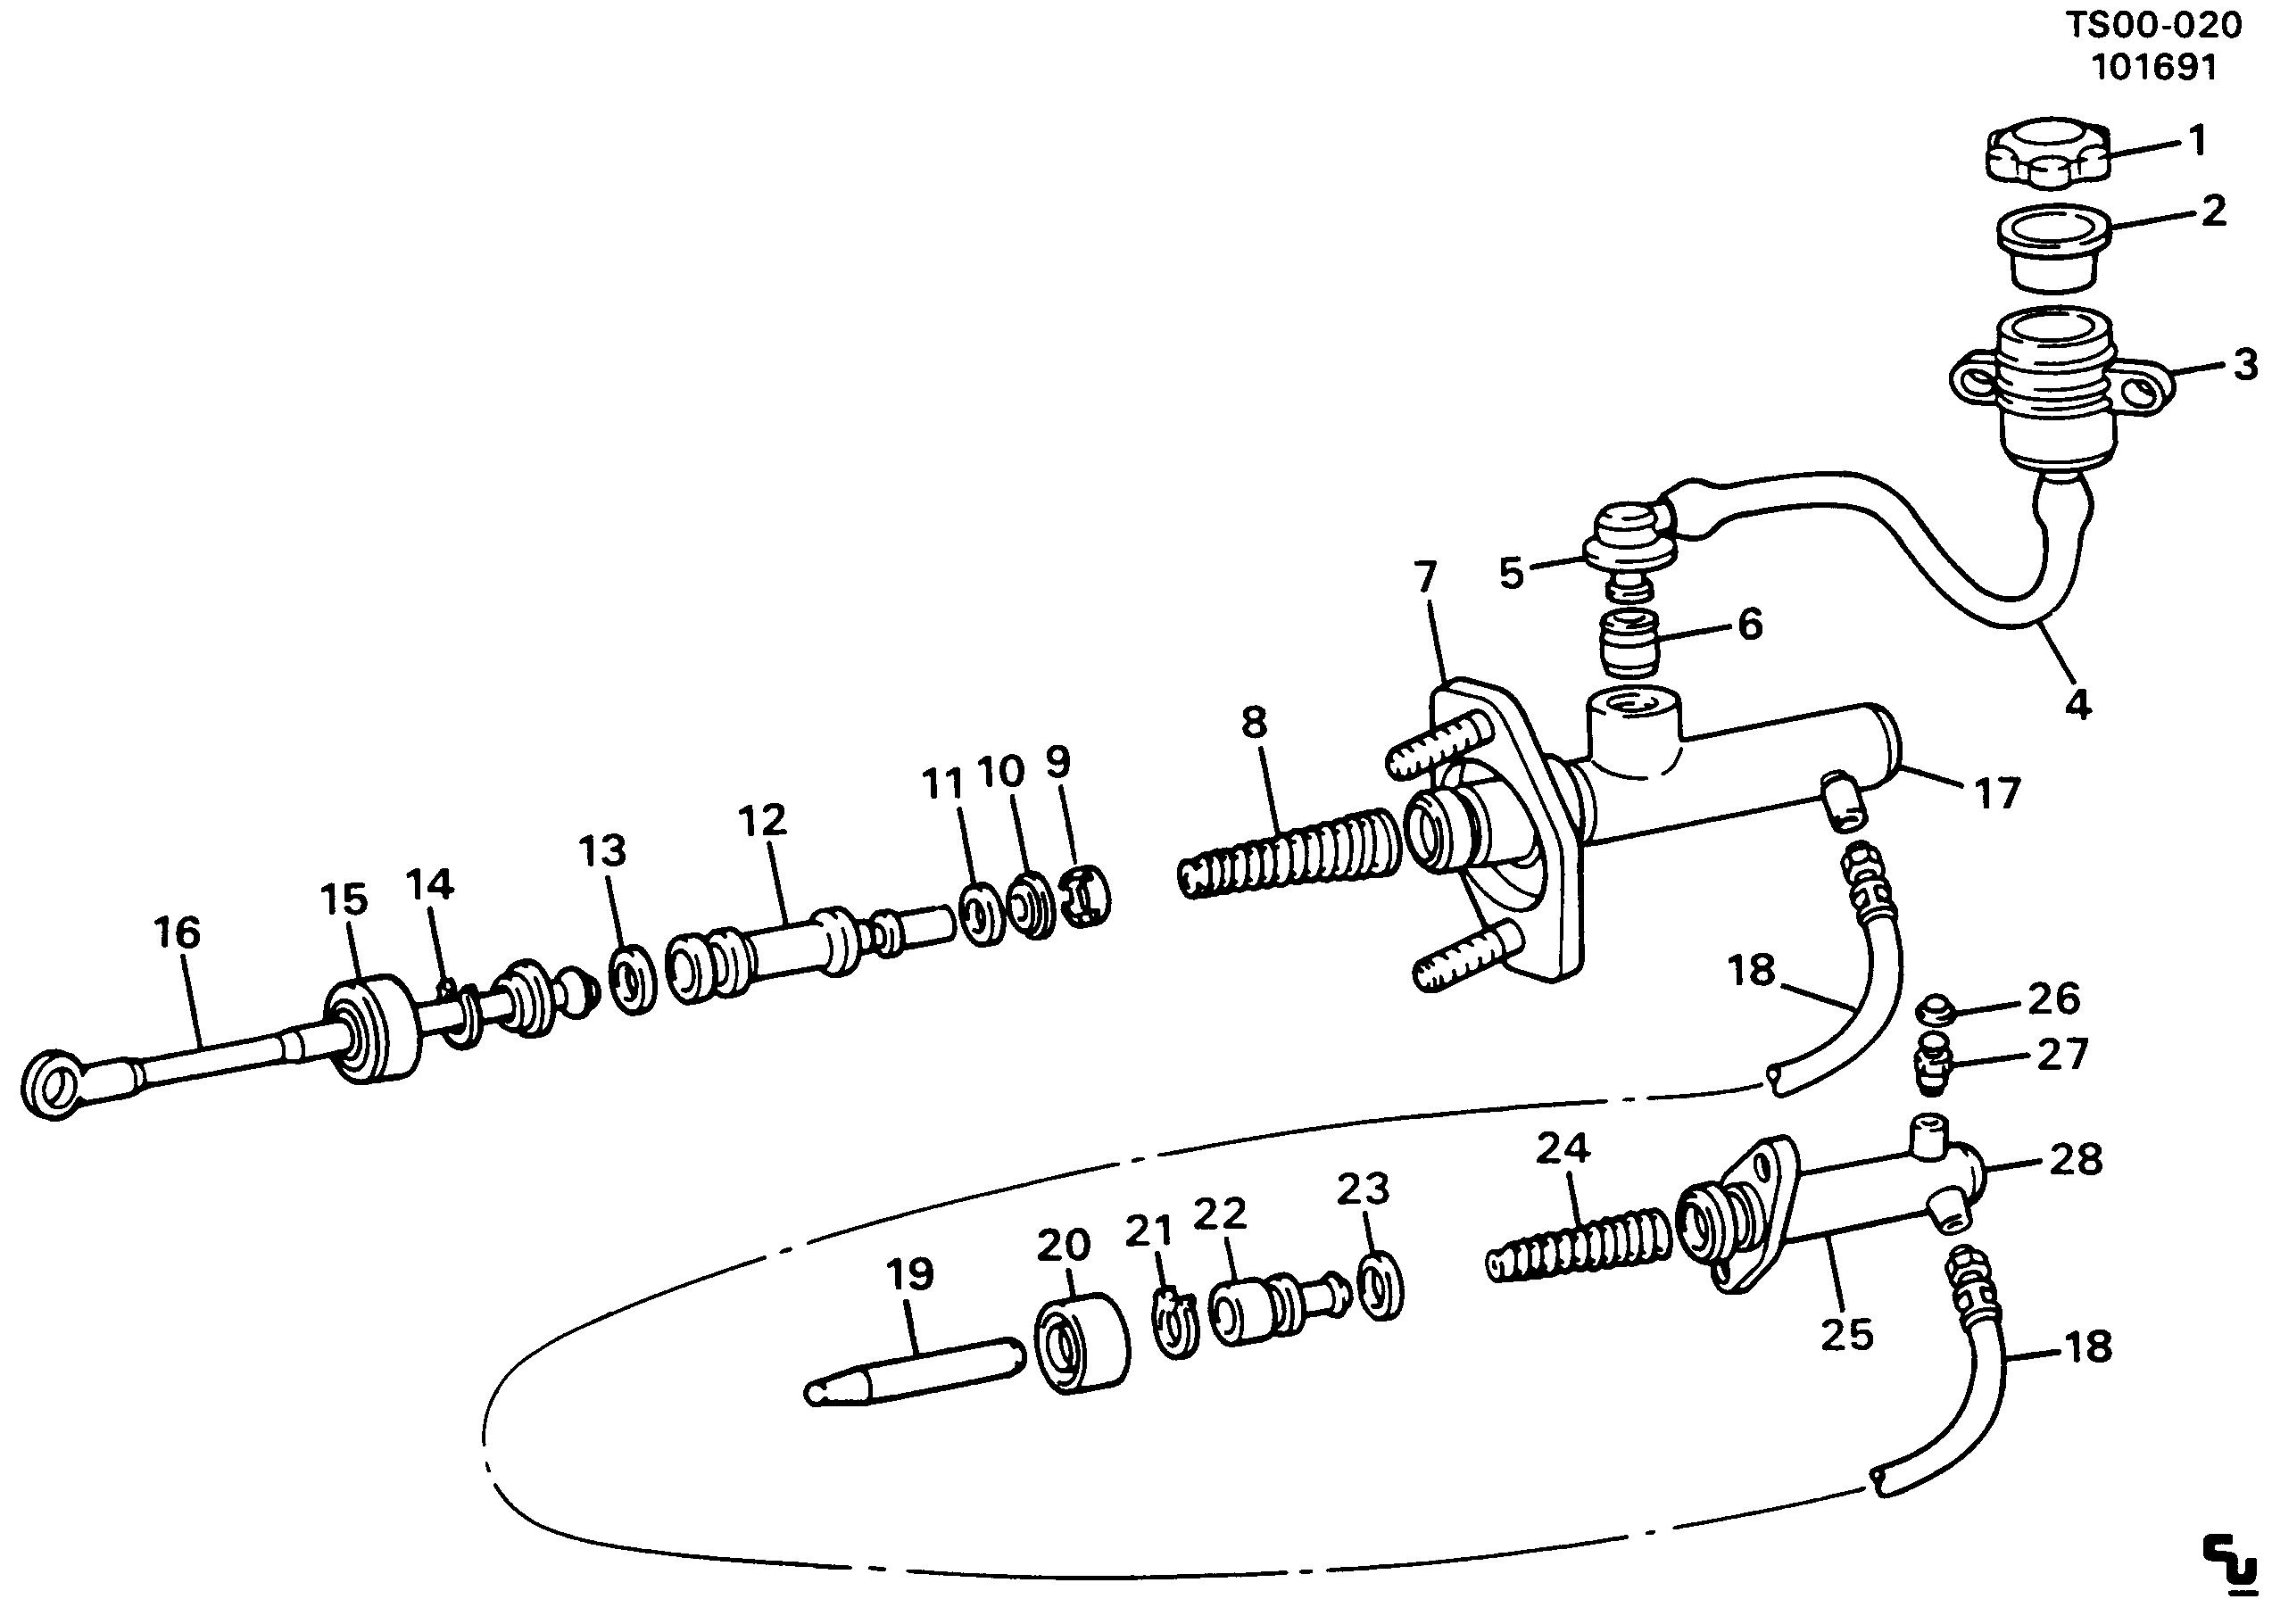 S10 Blazer